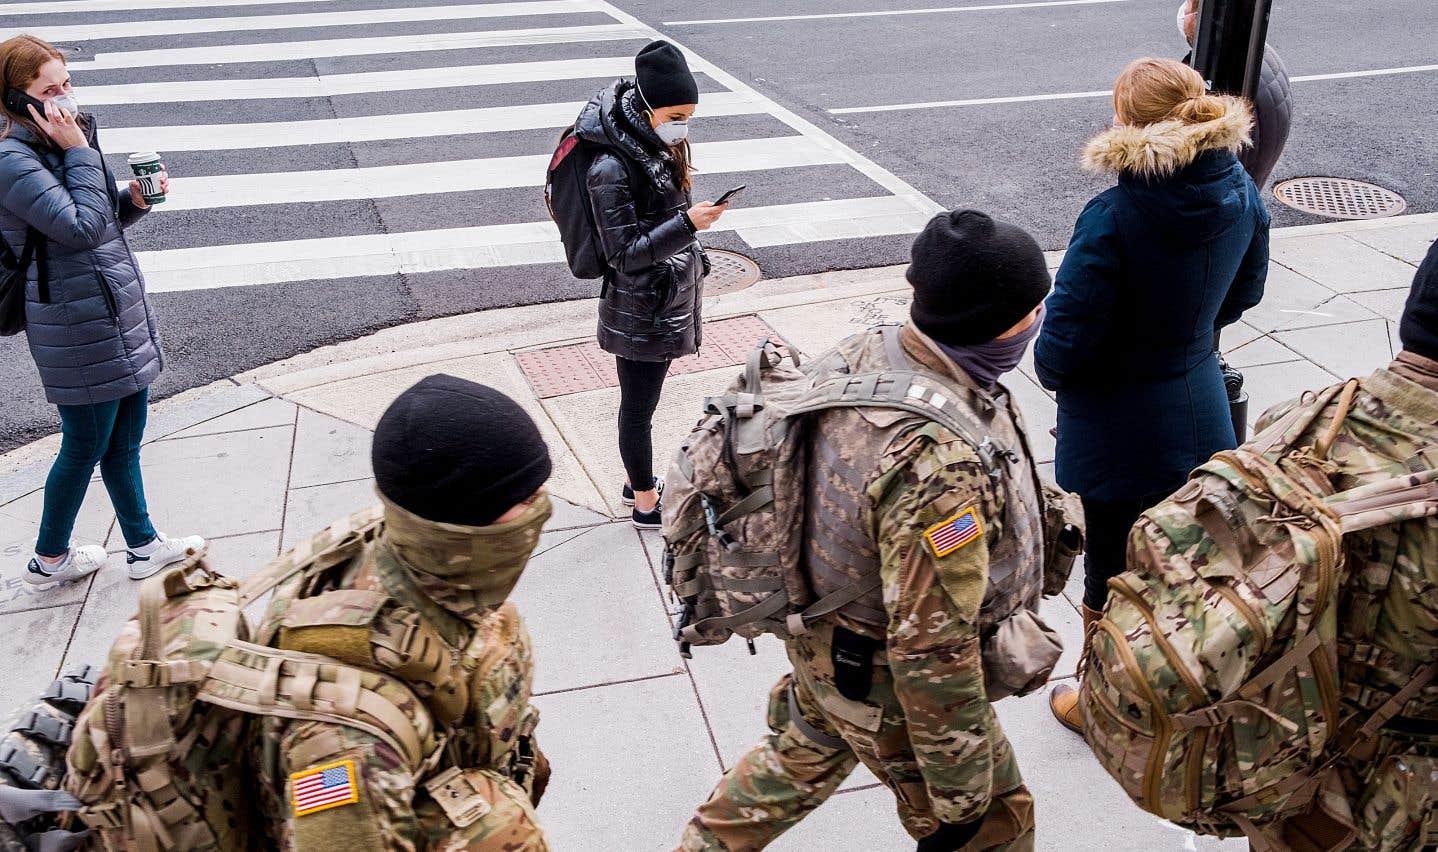 Partout, partout, partout dans le centre-ville, les citoyens ont laissé les rues aux militaires.